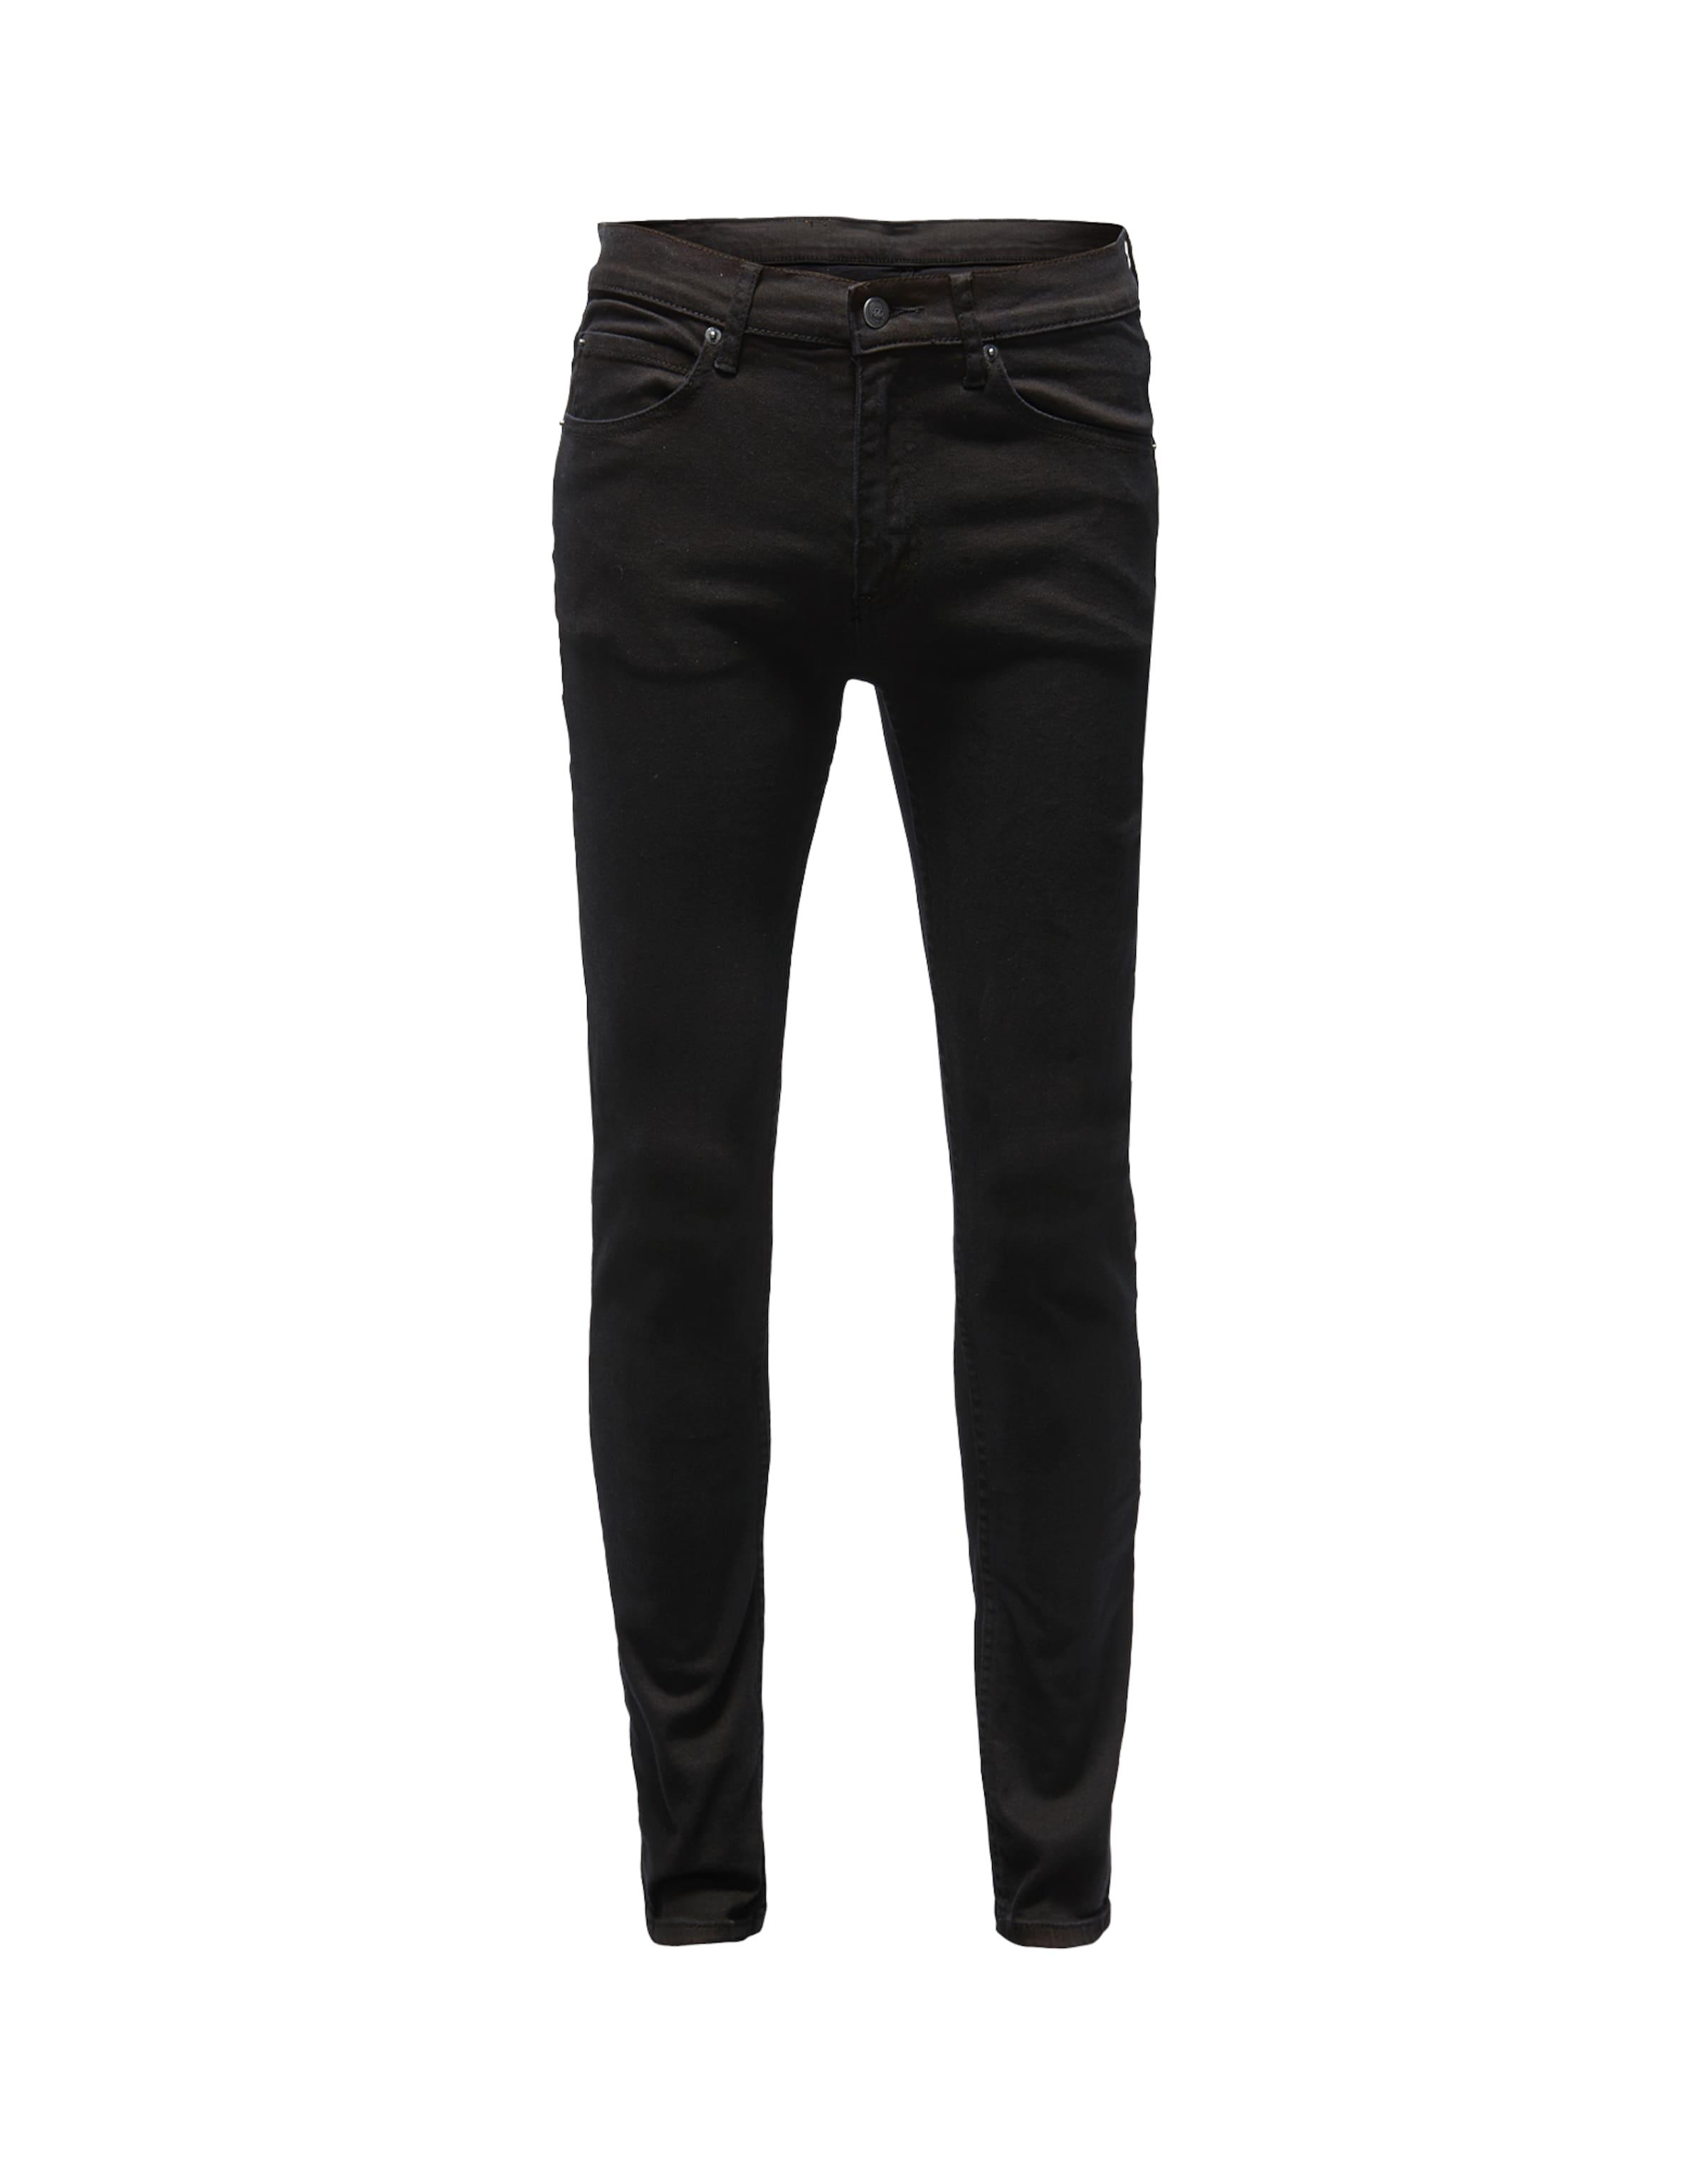 Monday Cheap Jeans Cheap Jeans In In Schwarz Monday Schwarz Cheap m0nO8vNw